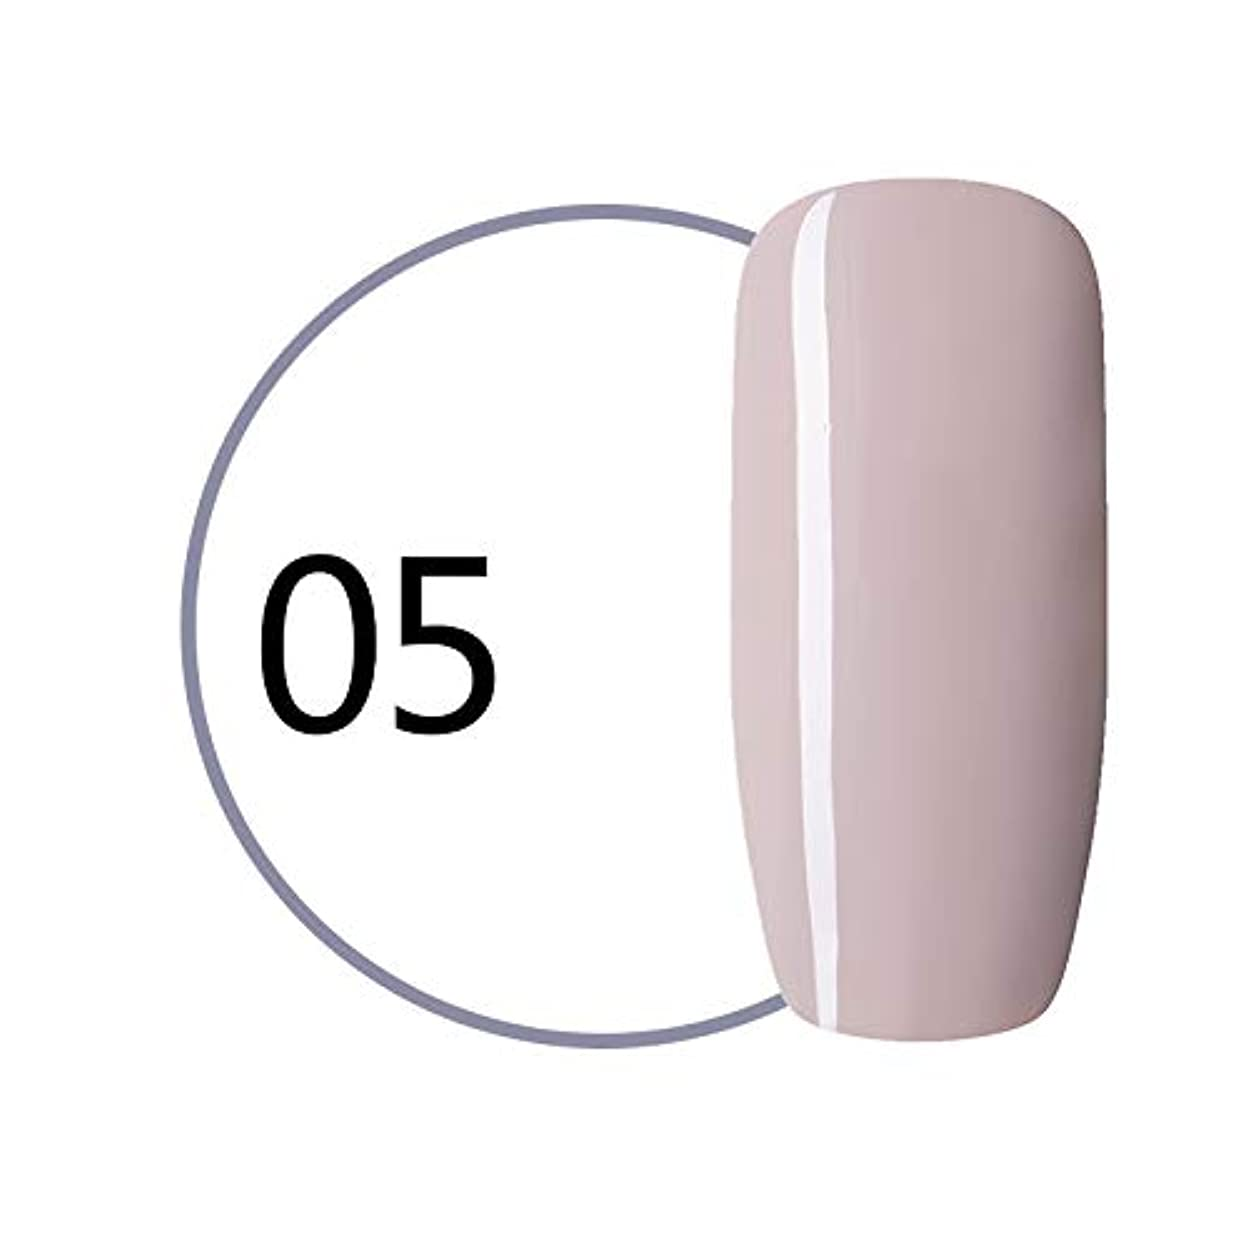 相互接続疎外する七時半Symboat マニキュア ソークオフ UV LED ネイルジェルポリッシュ ワイングレーシリーズ ネイル用品 女優 人気 初心者にも対応 安全 無毒